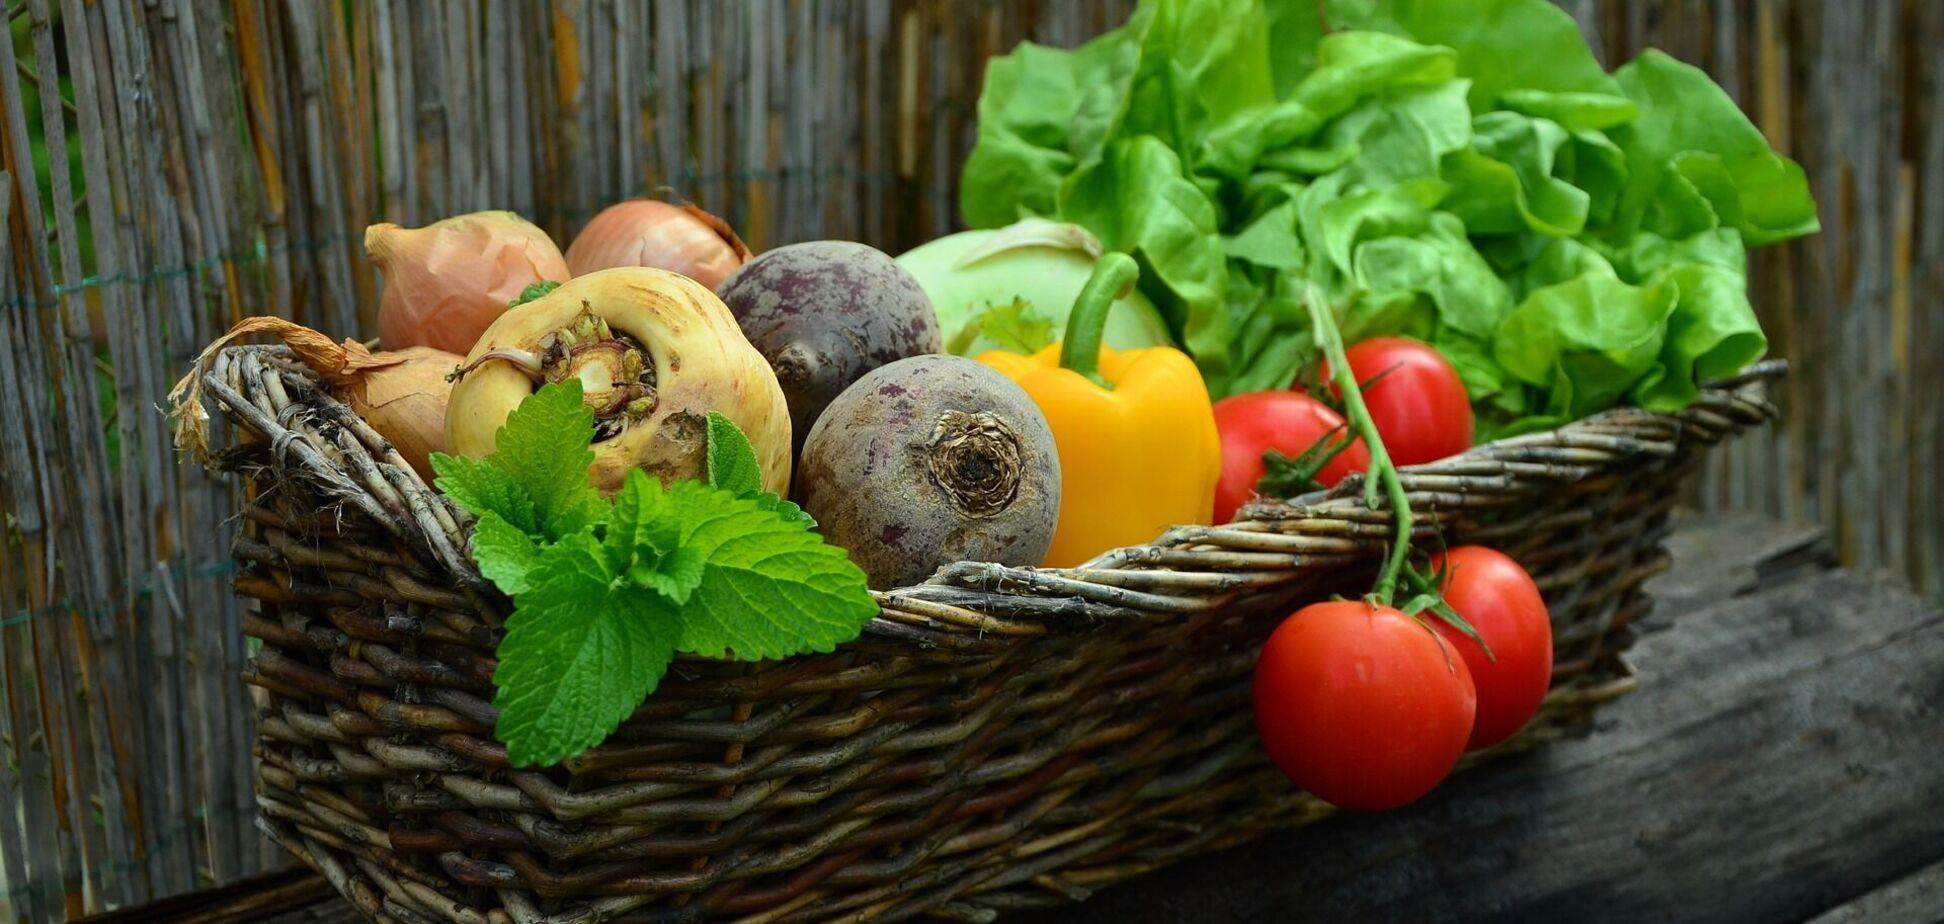 В Украине изменились цены на овощи, курятину и яйца